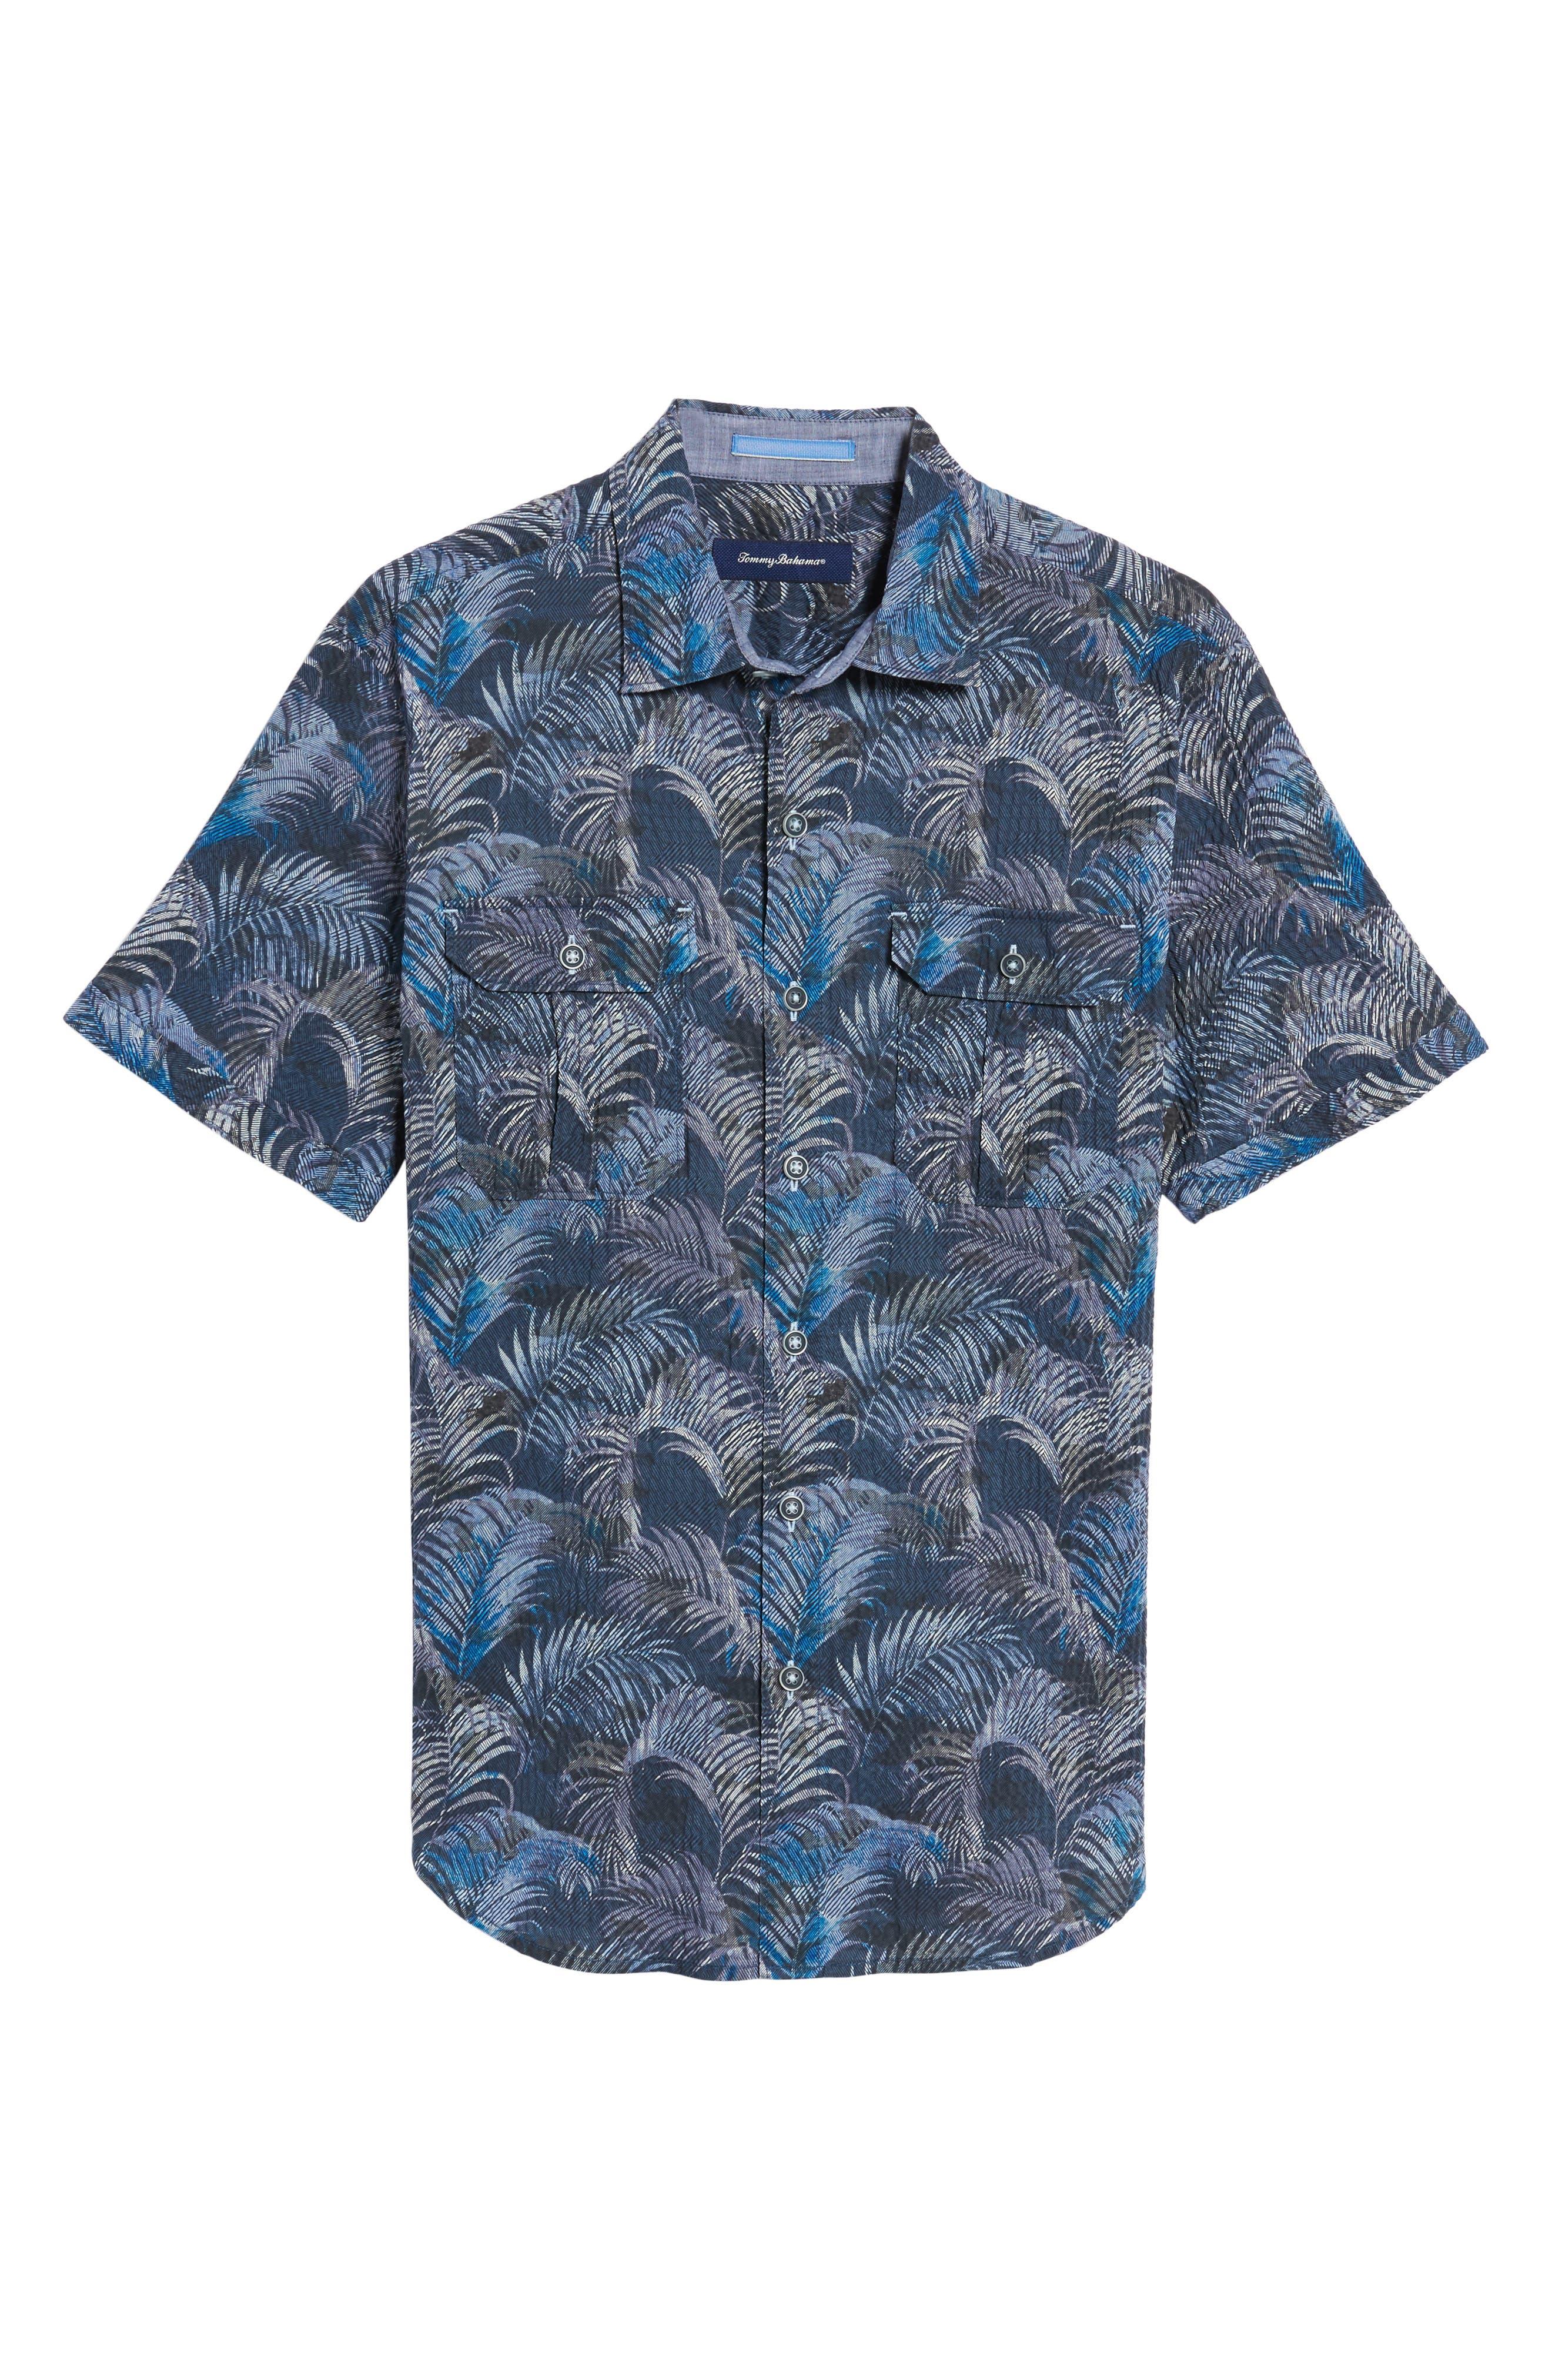 Fez Fronds Regular Fit Sport Shirt Shirt,                             Alternate thumbnail 6, color,                             Maritime